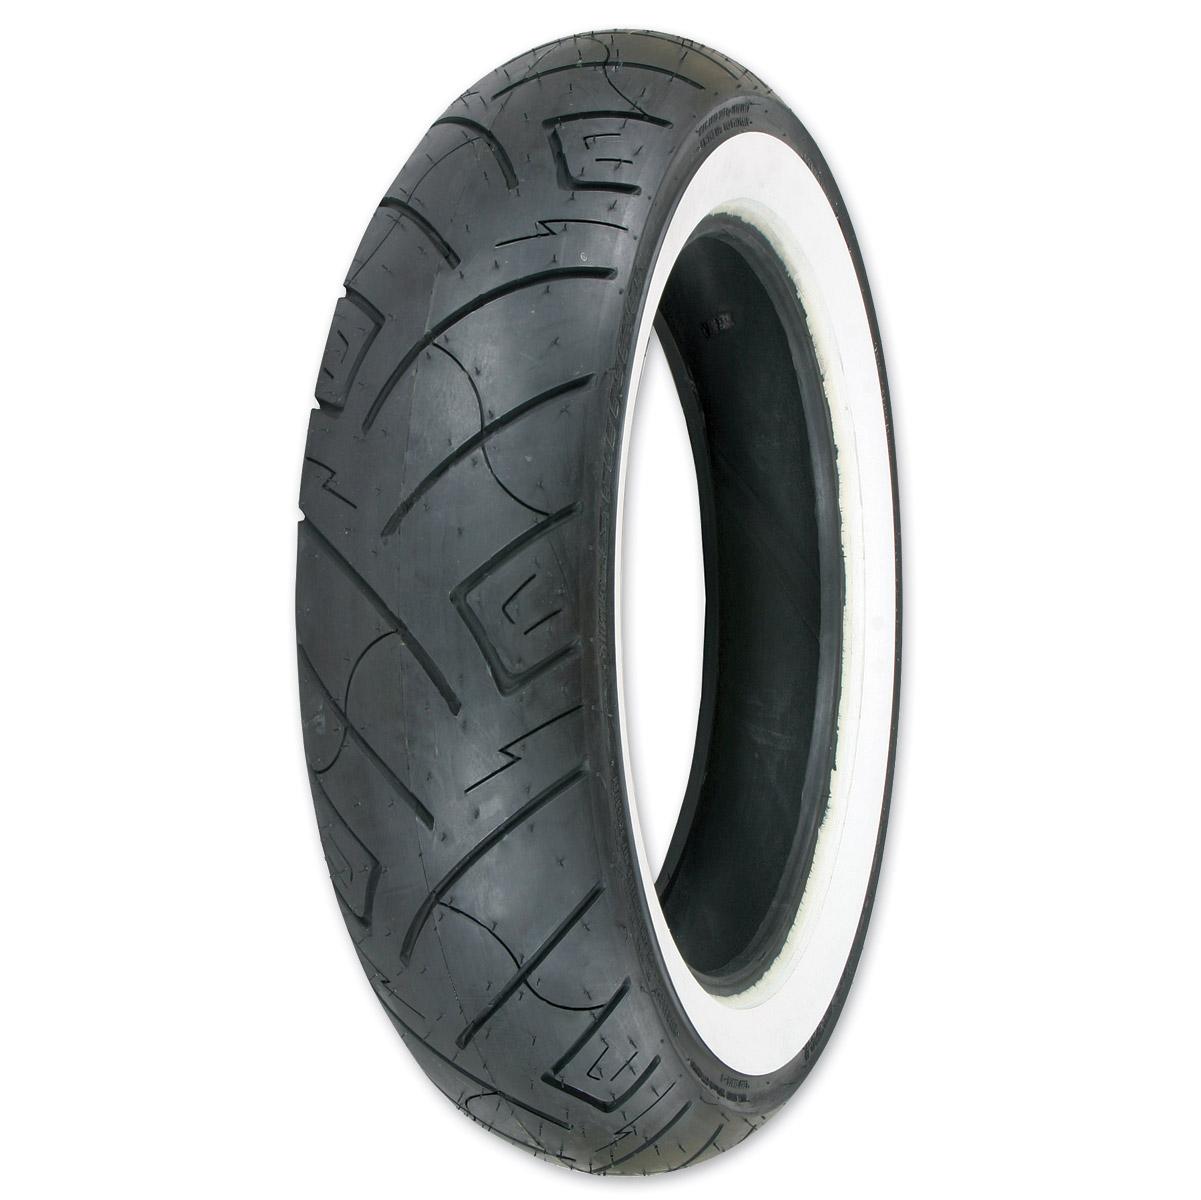 Shinko 777 160/70-17 Wide Whitewall Rear Tire